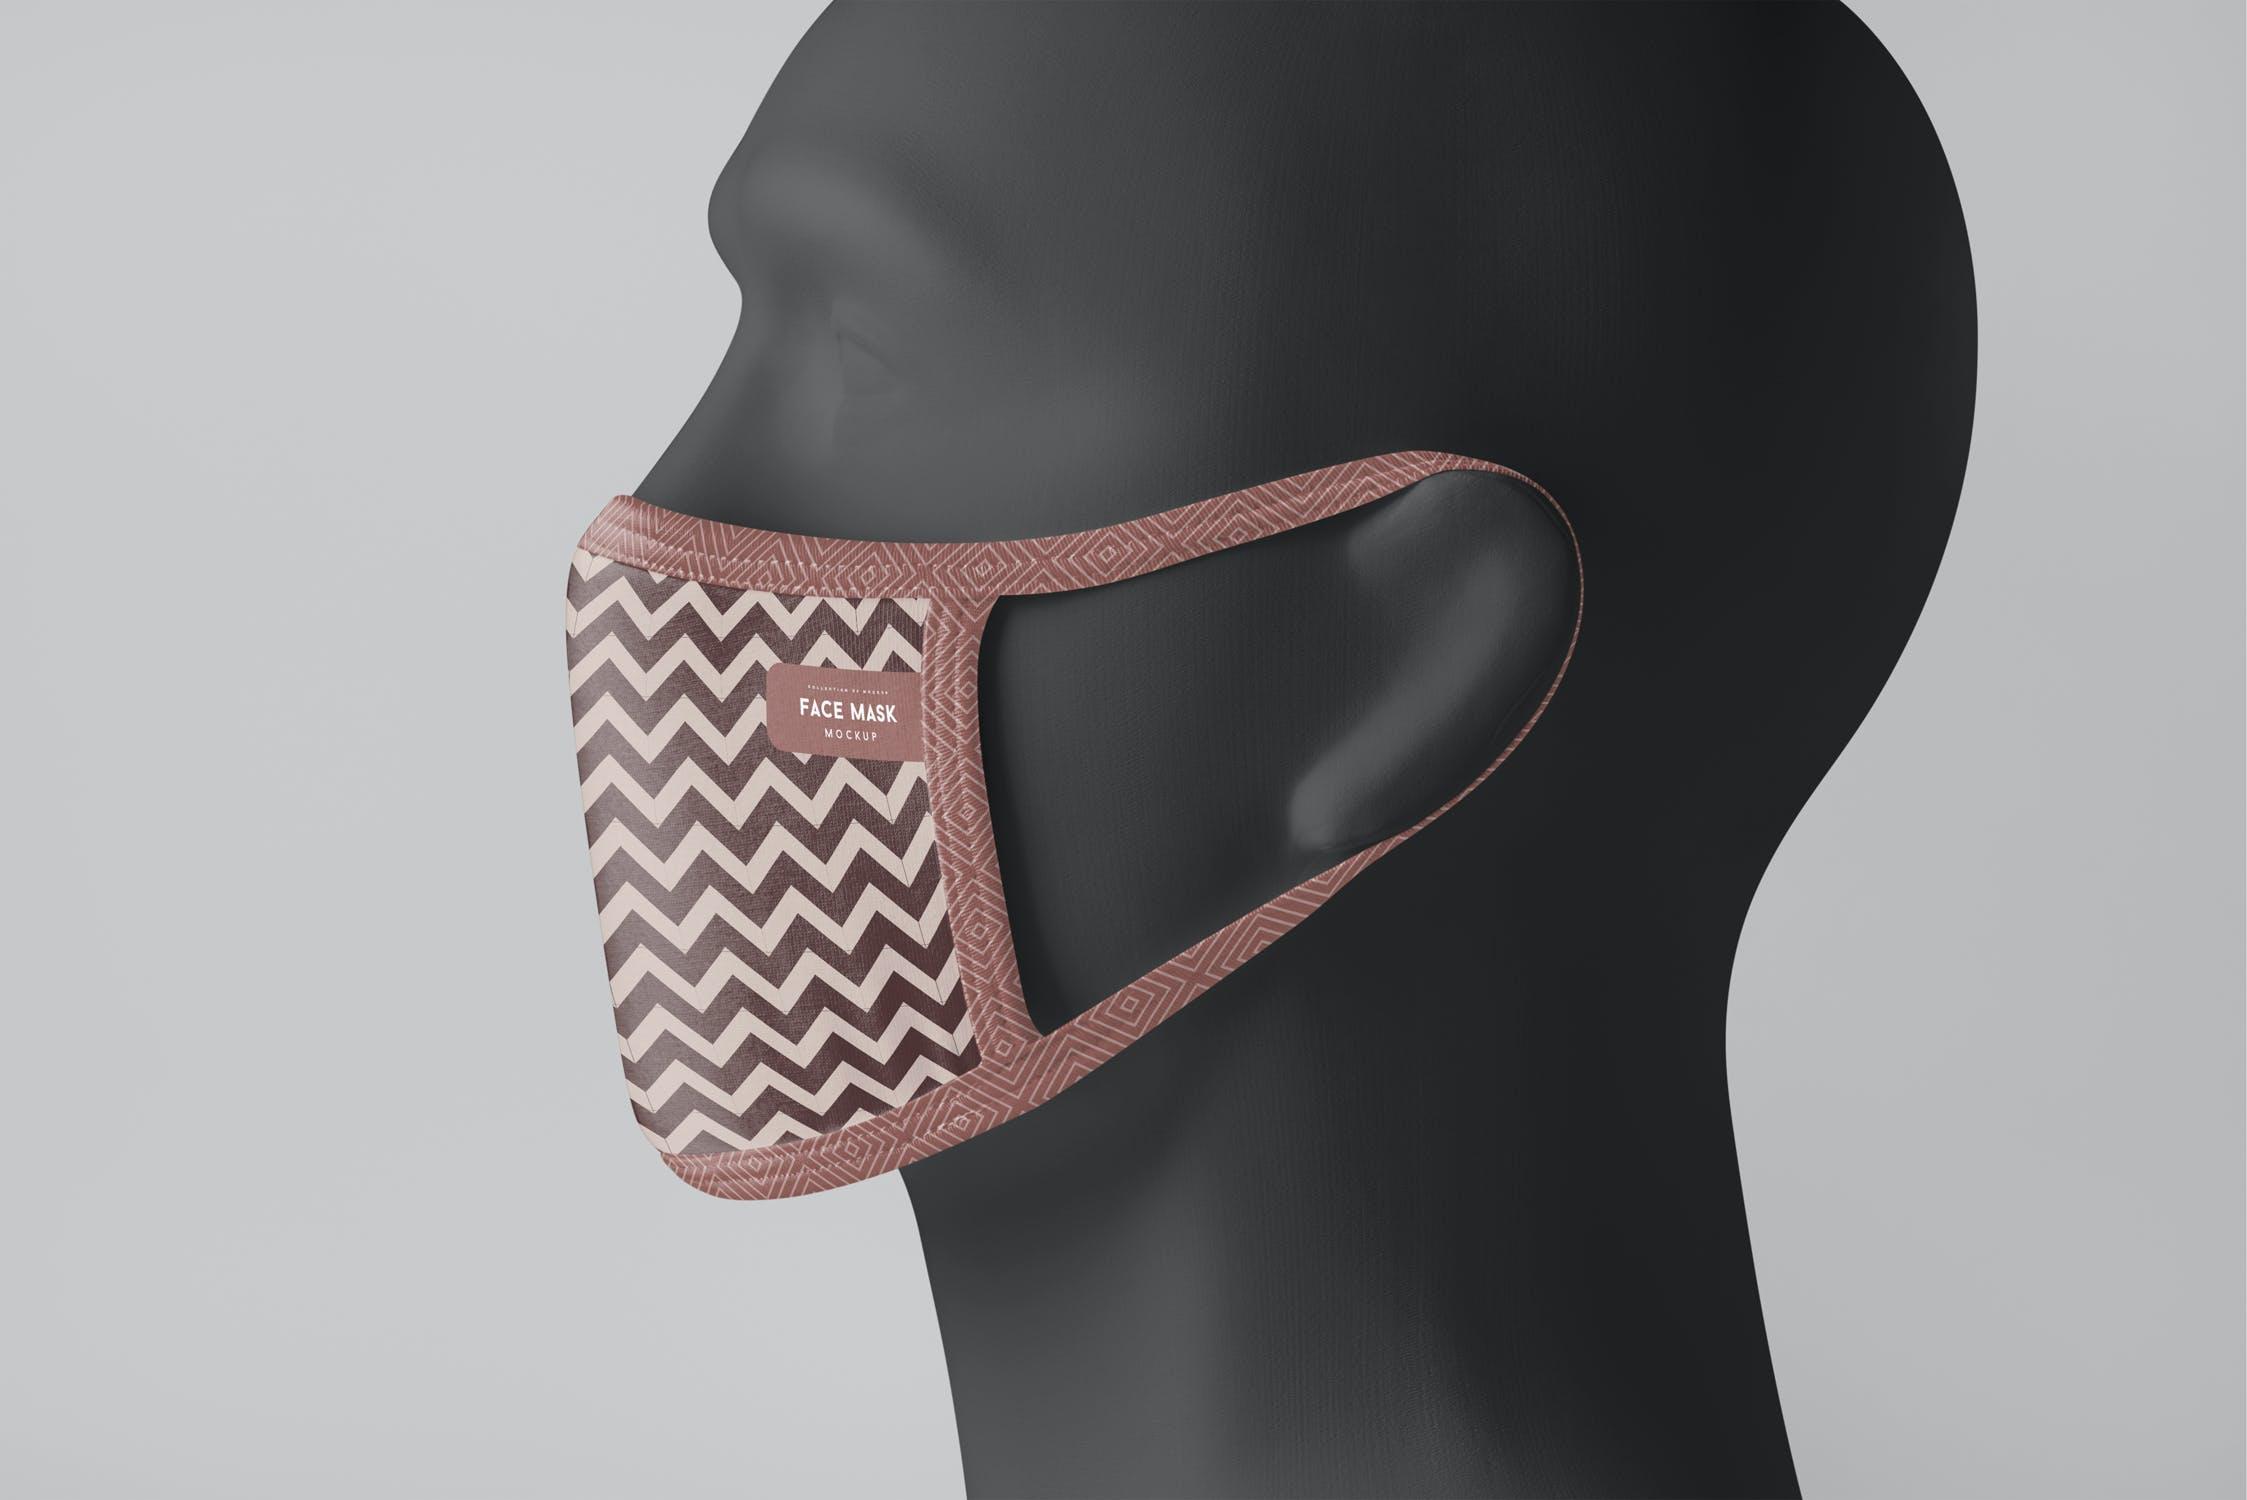 8款防护面罩口罩印花设计展示样机PSD模板 Face Mask Mockup插图(6)